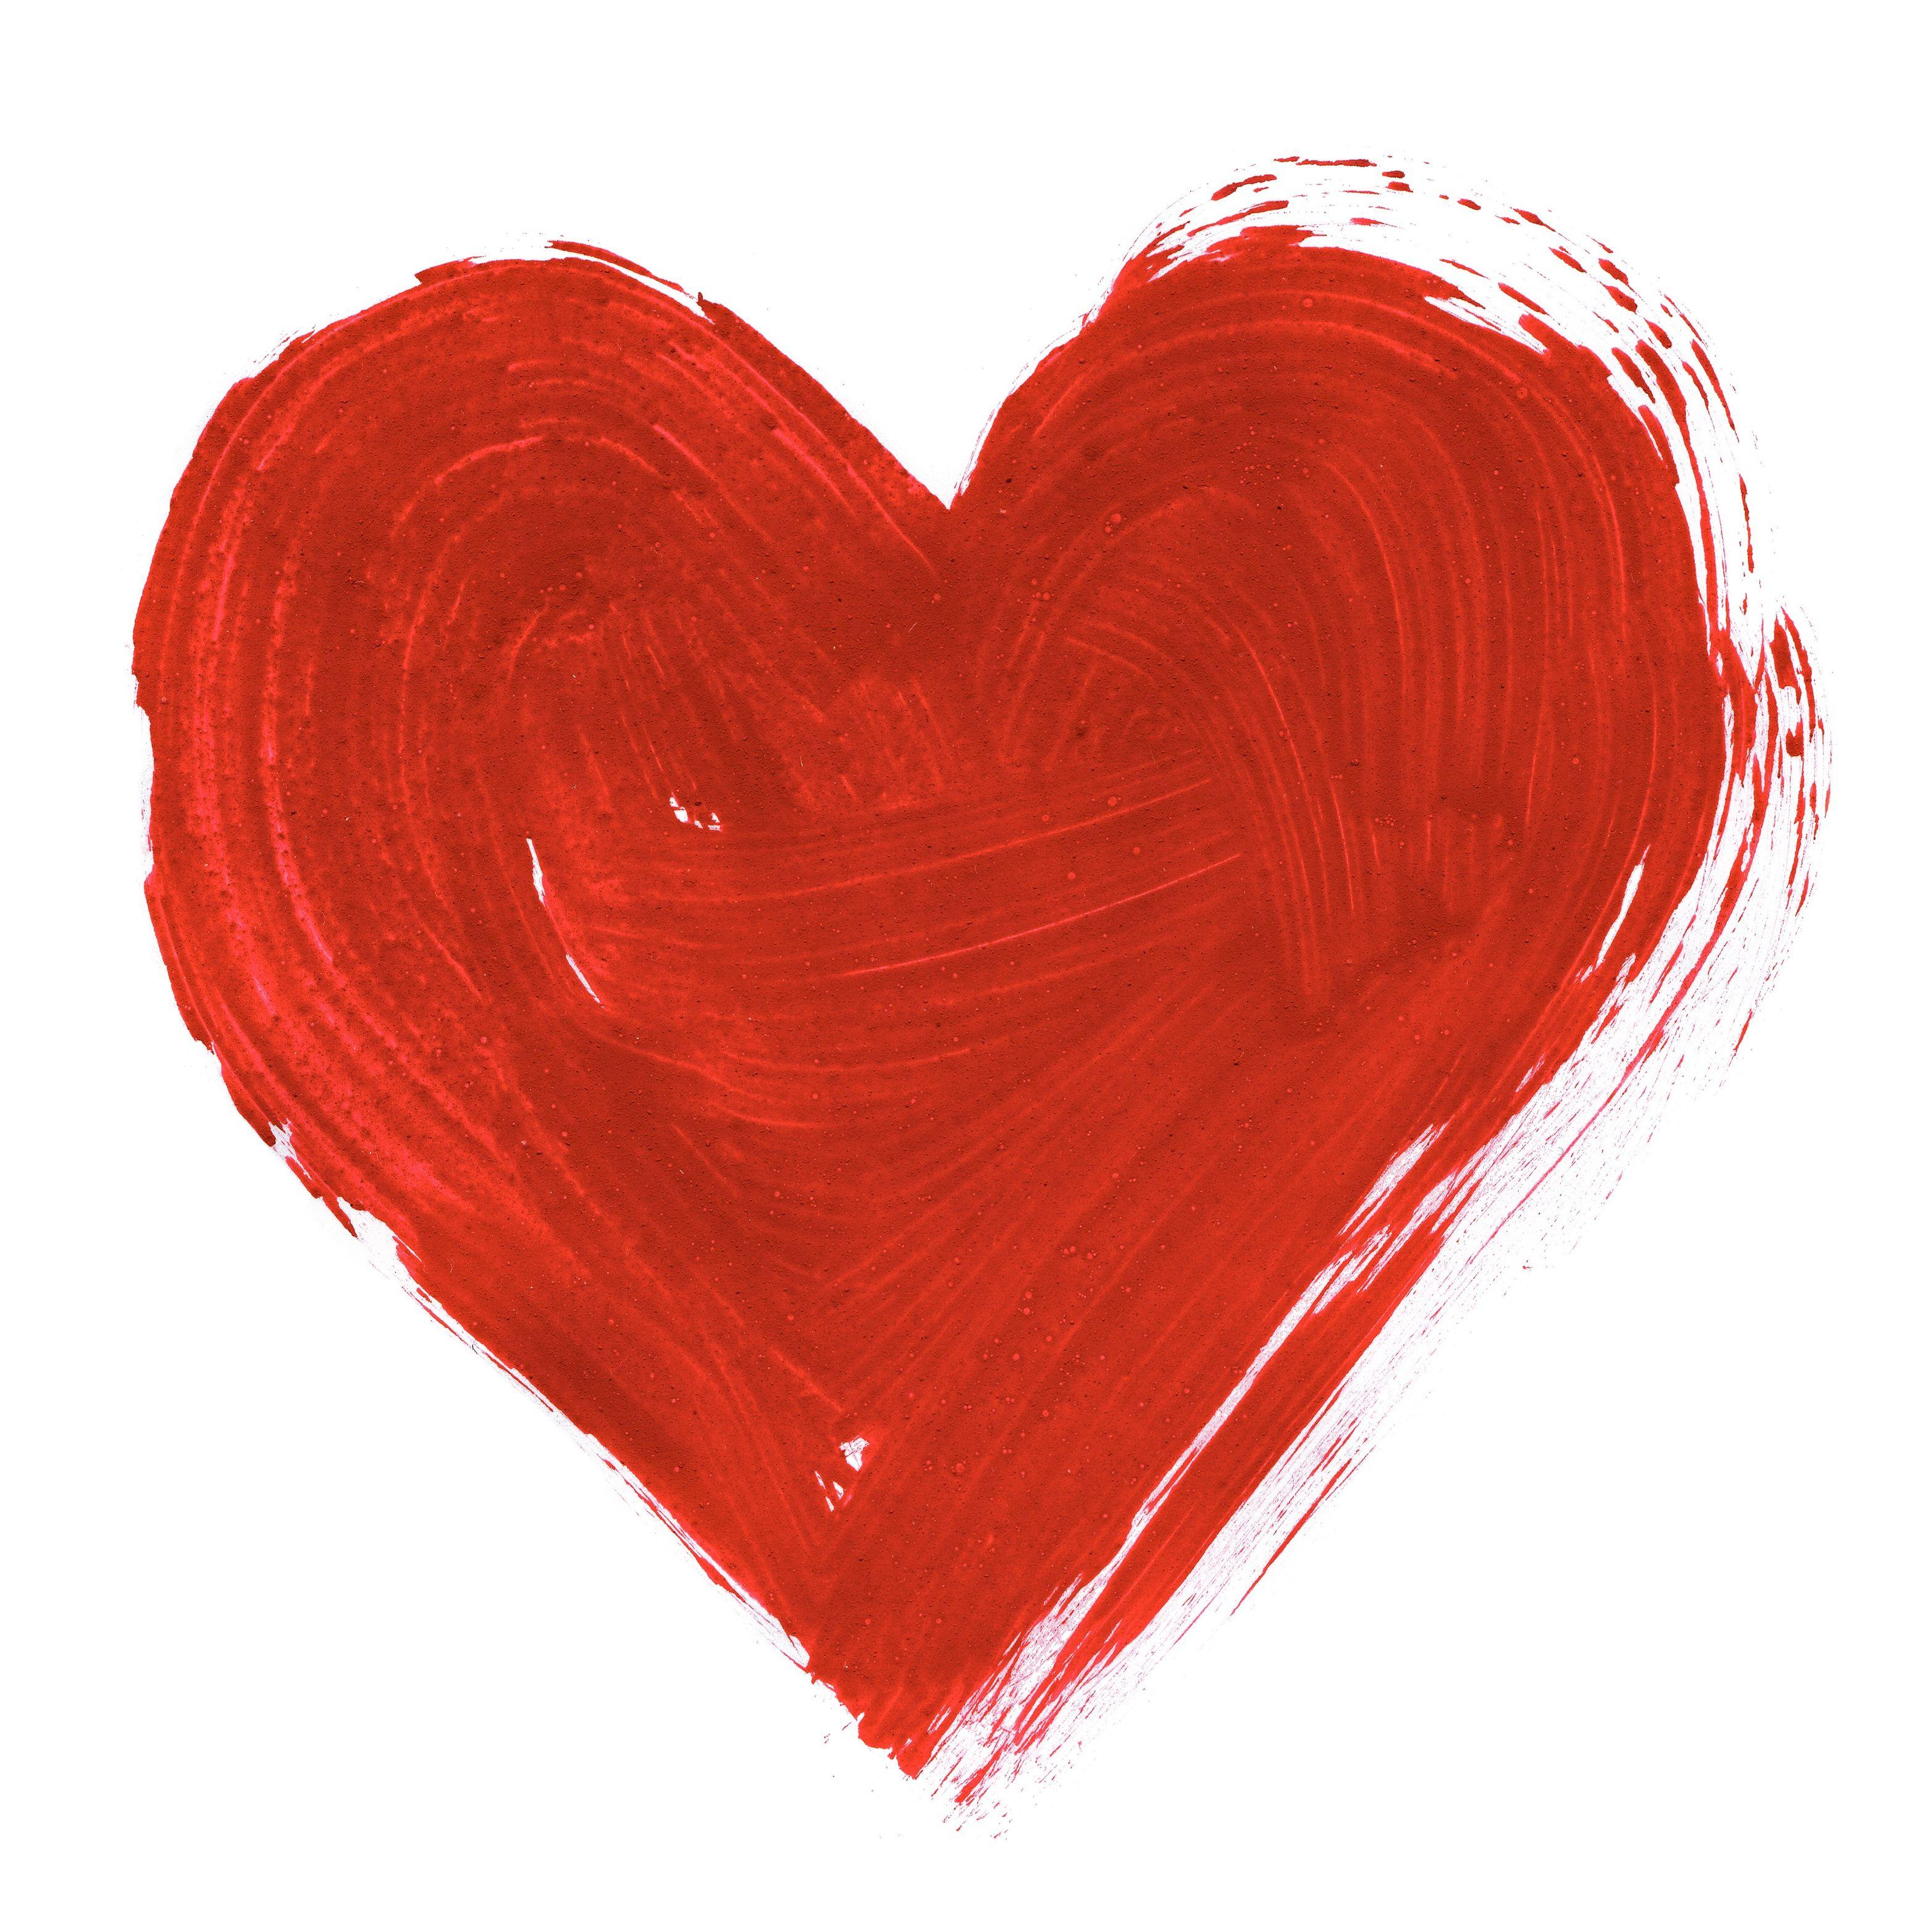 Heart-shaped clipart loveheart No Cliparts Hearts Heart ClipArt